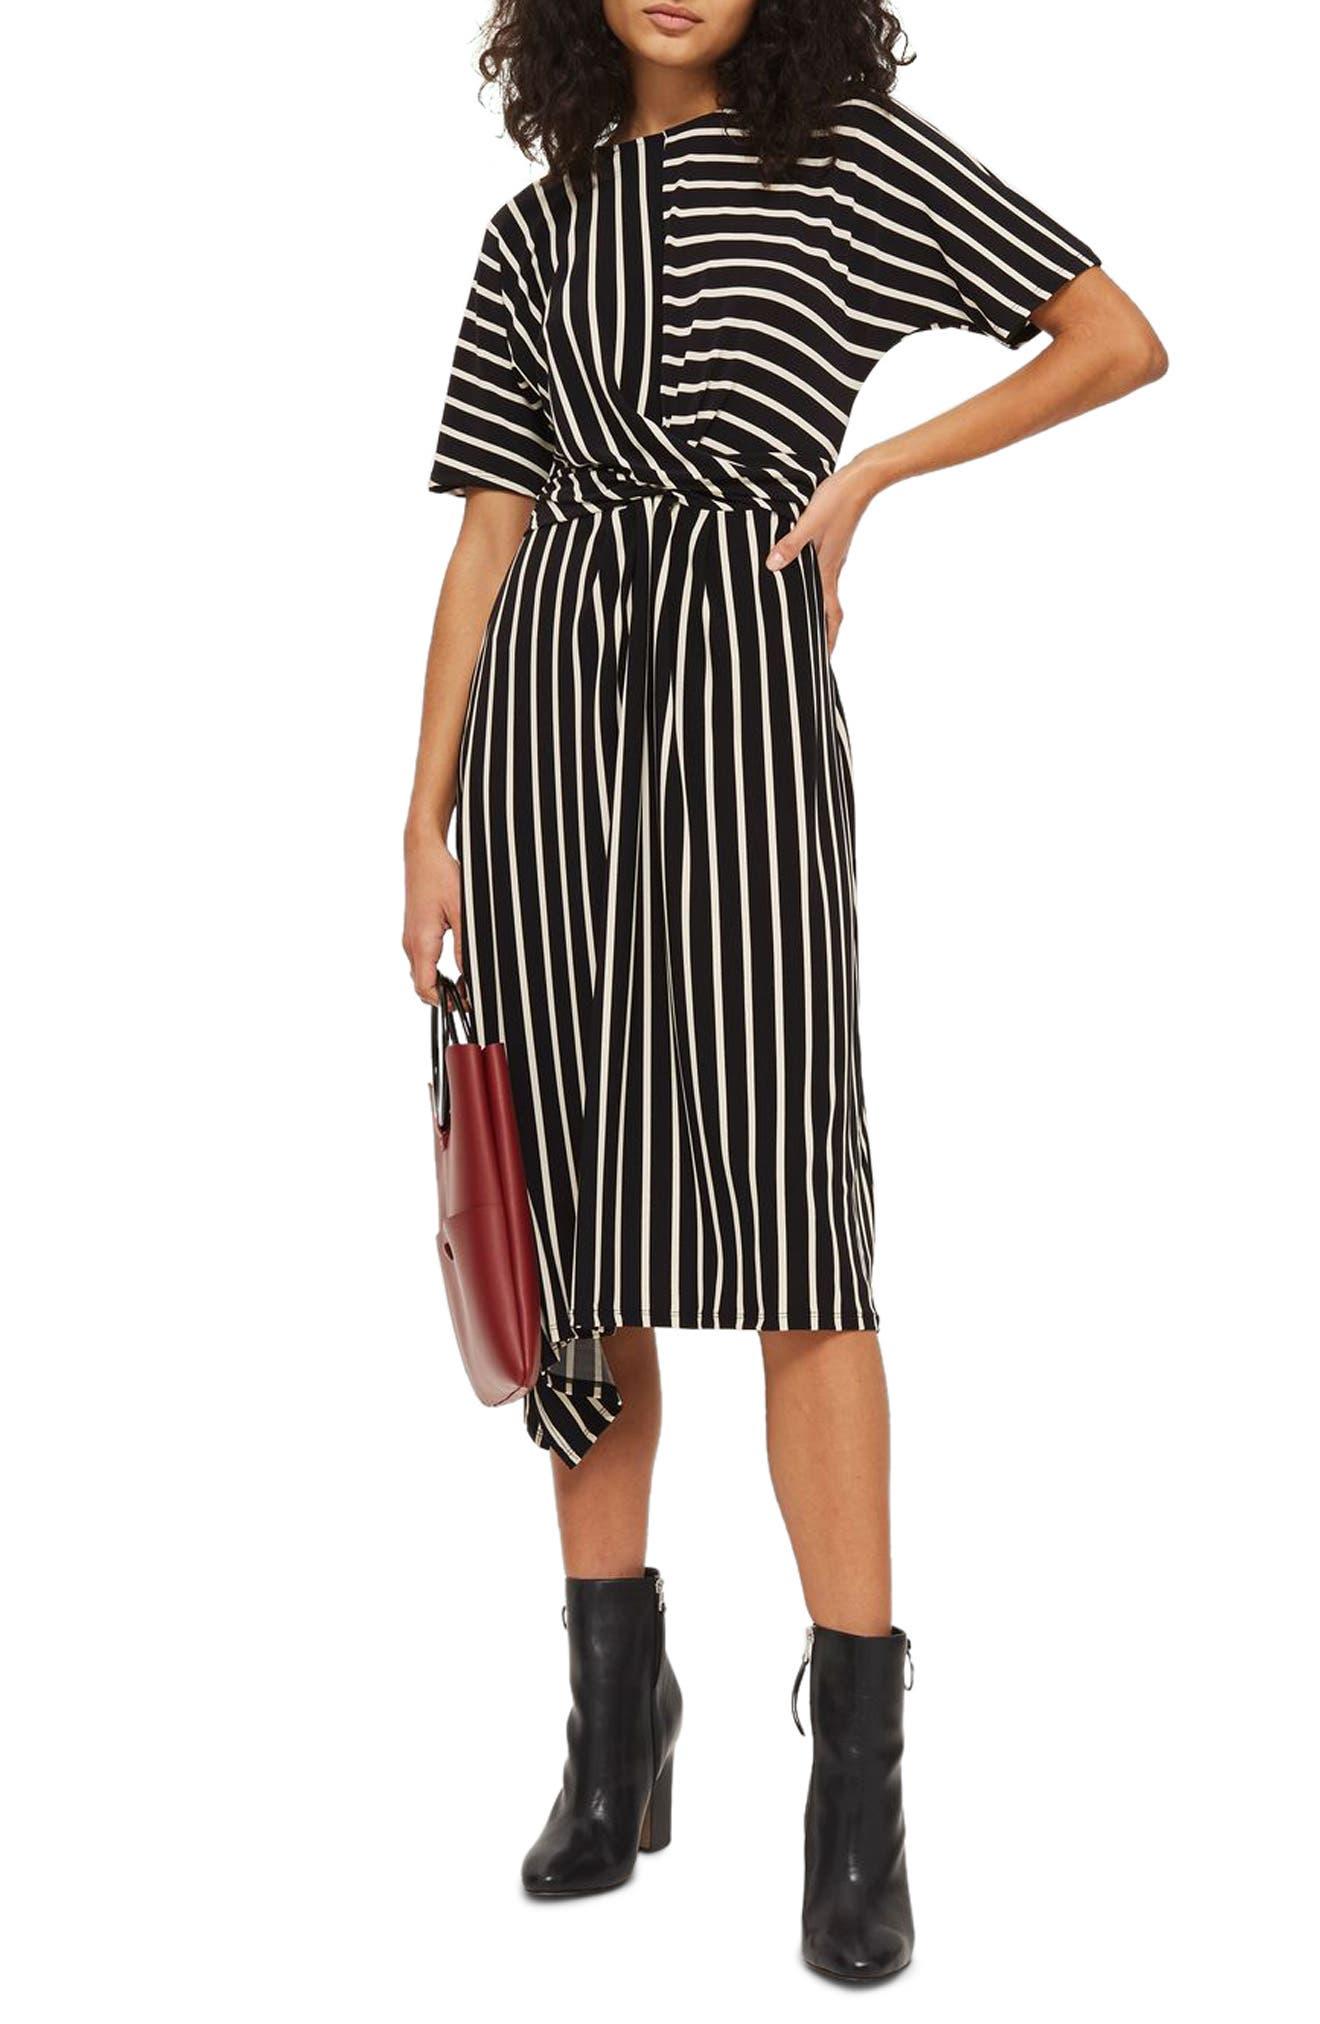 Topshop Stripe Jersey Drape Midi Dress